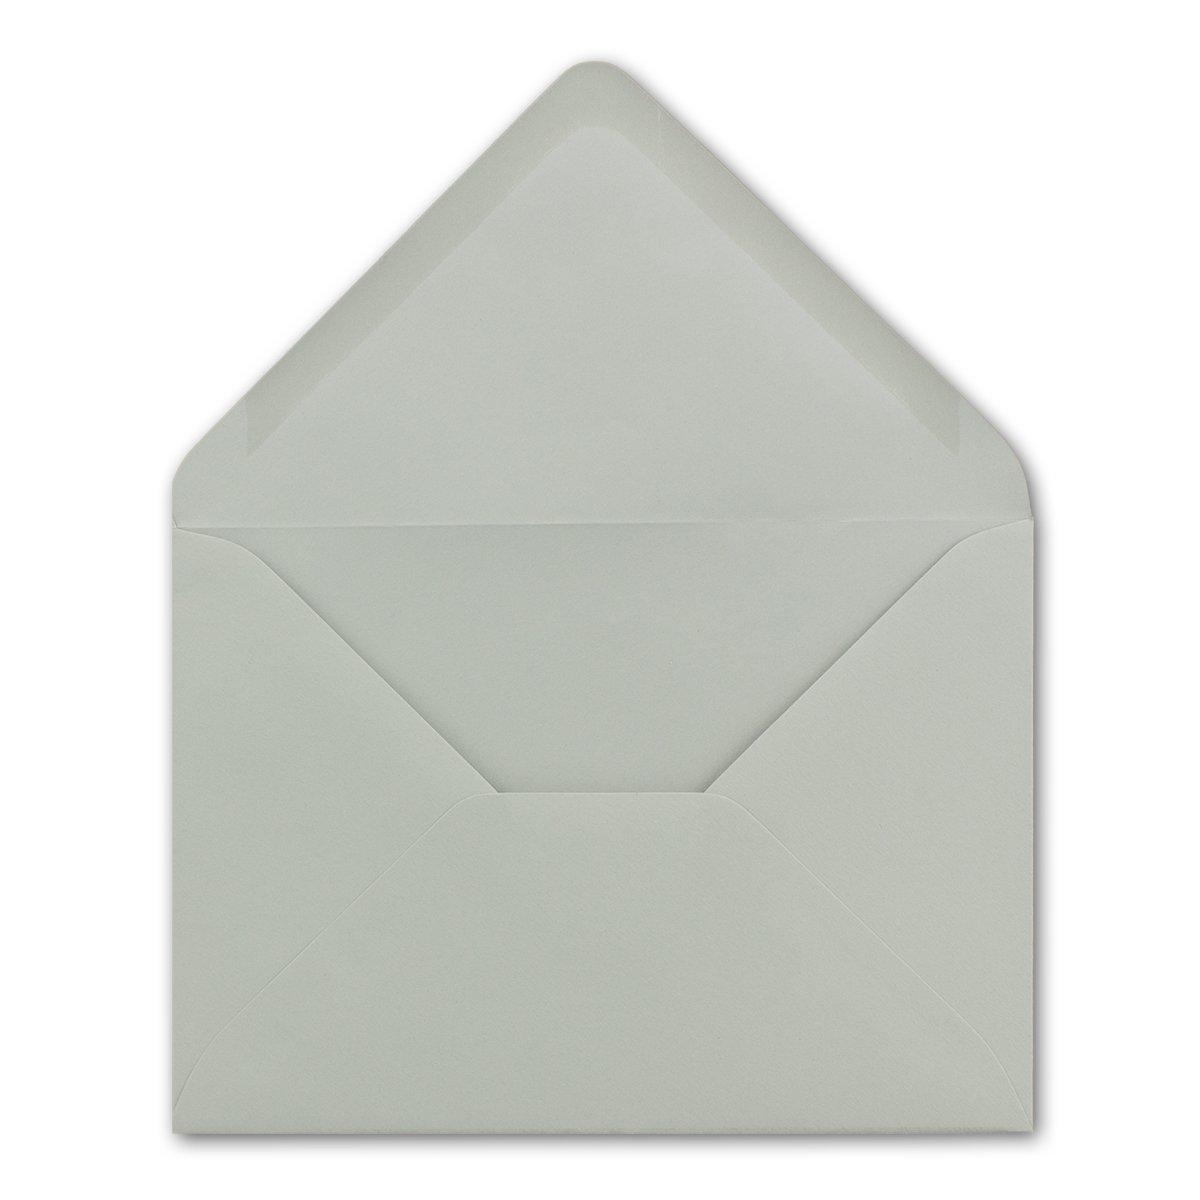 chiusura adesiva da inumidire 100 Umschl/äge grigio chiaro Buste da lettere da 80 g//m/² in colori vivaci formato B6 dimensioni/175 x 125/mm Neuser